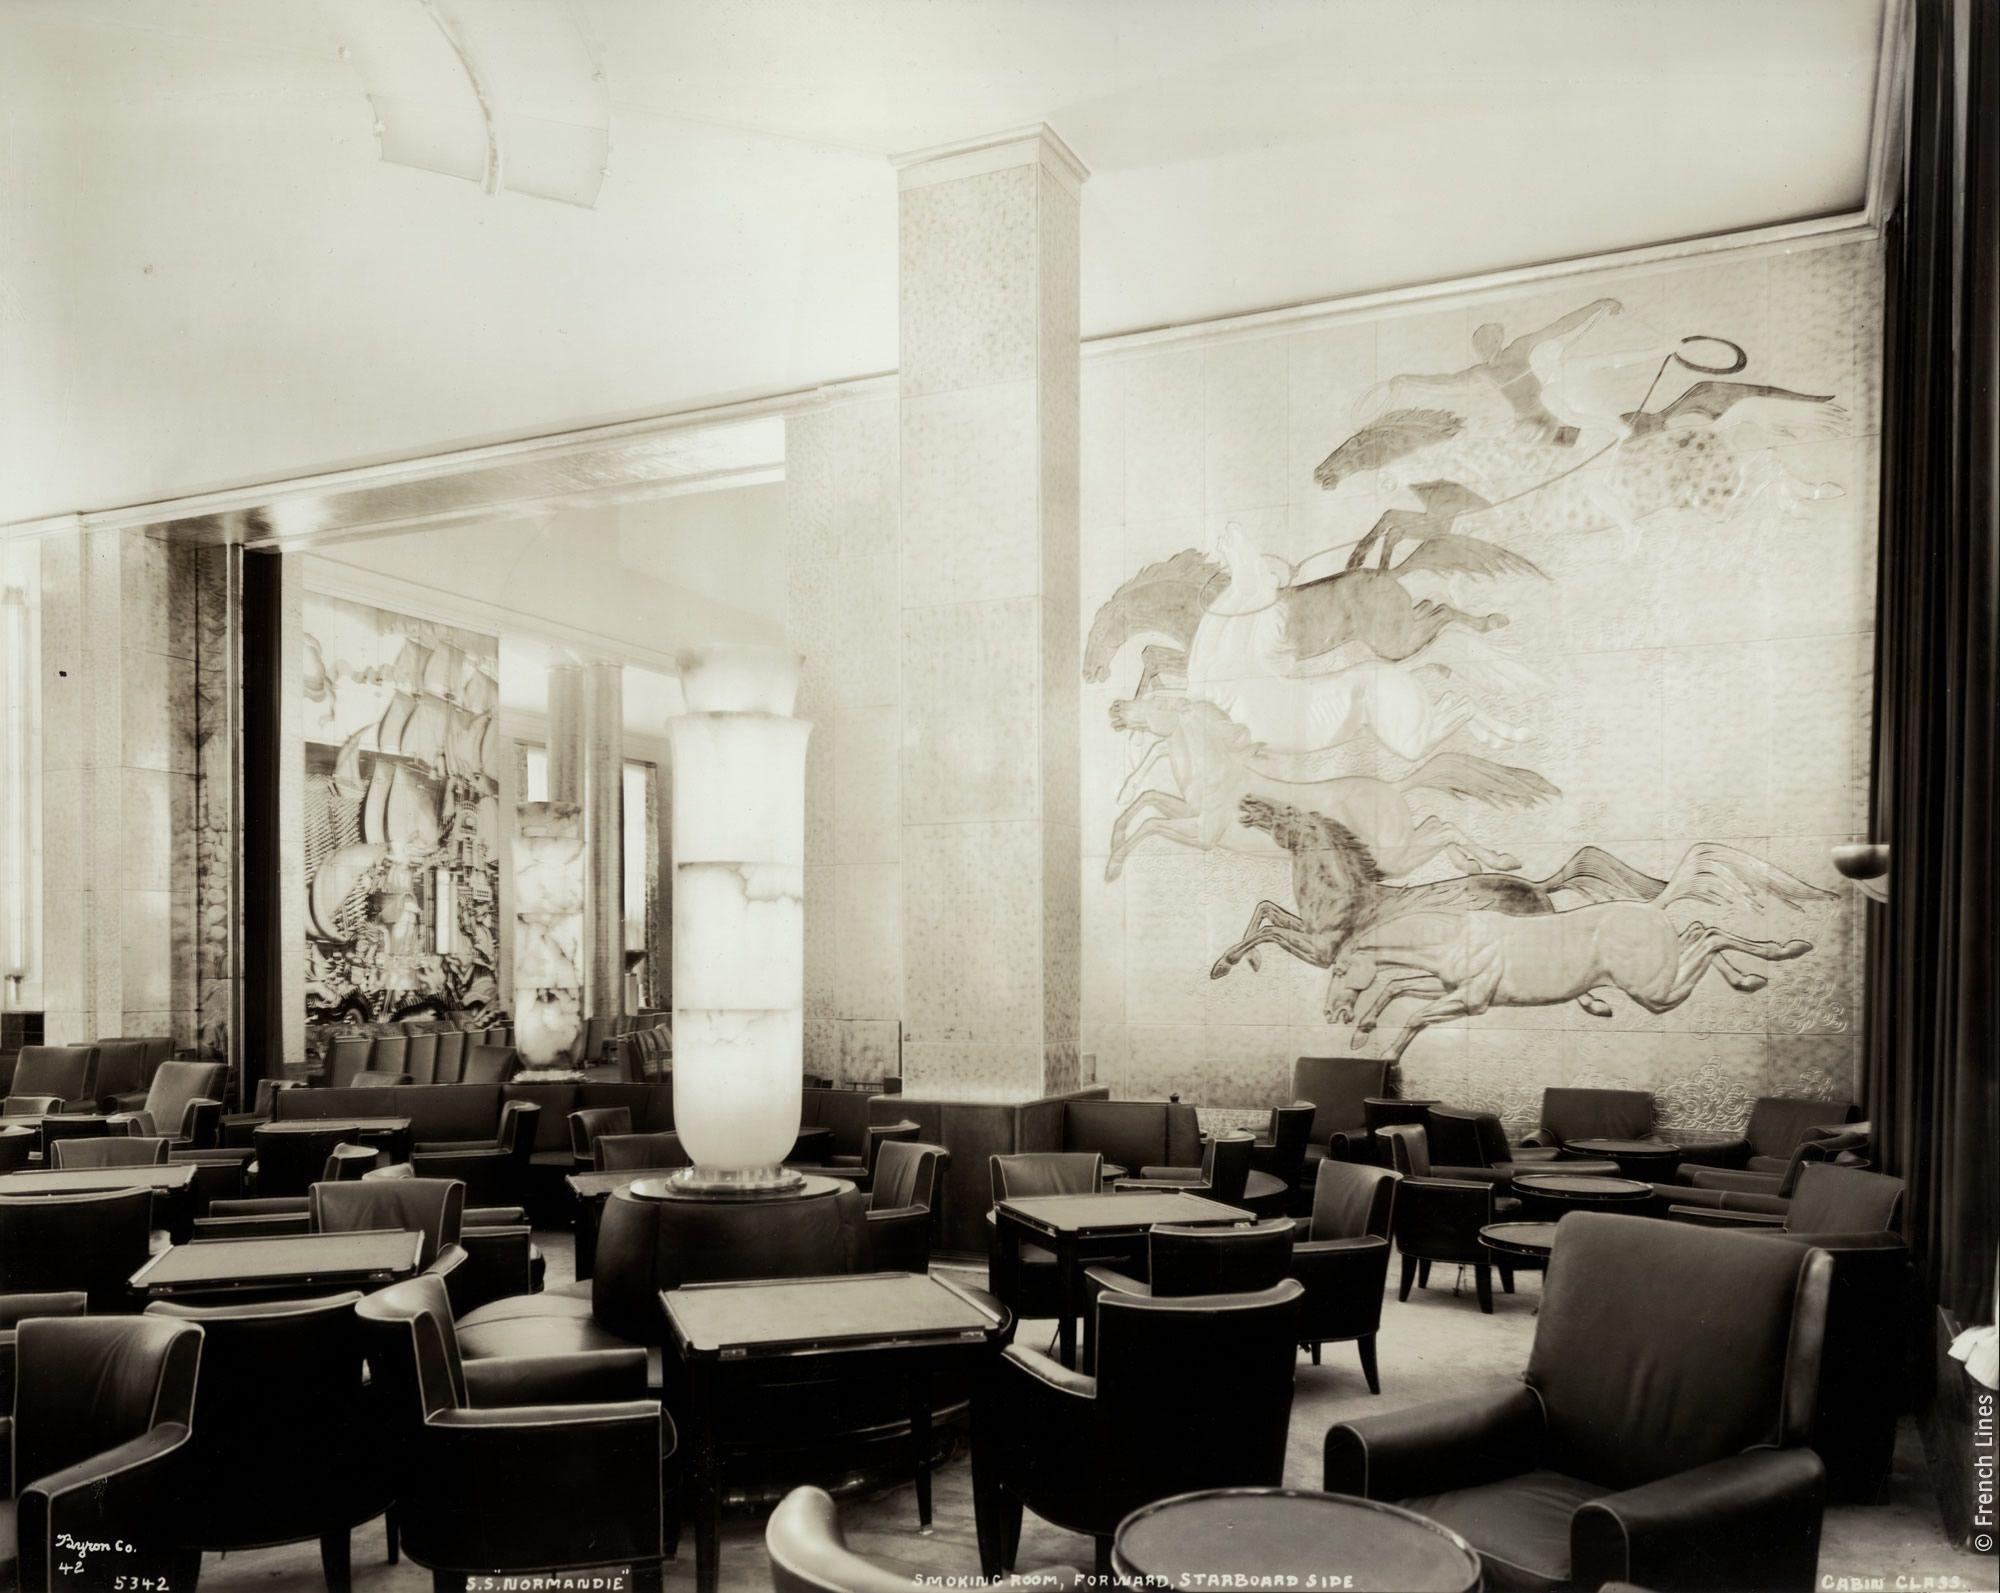 artiste et d corateur jean dunand 1877 1942 est c l bre pour ses sculptures et ses. Black Bedroom Furniture Sets. Home Design Ideas